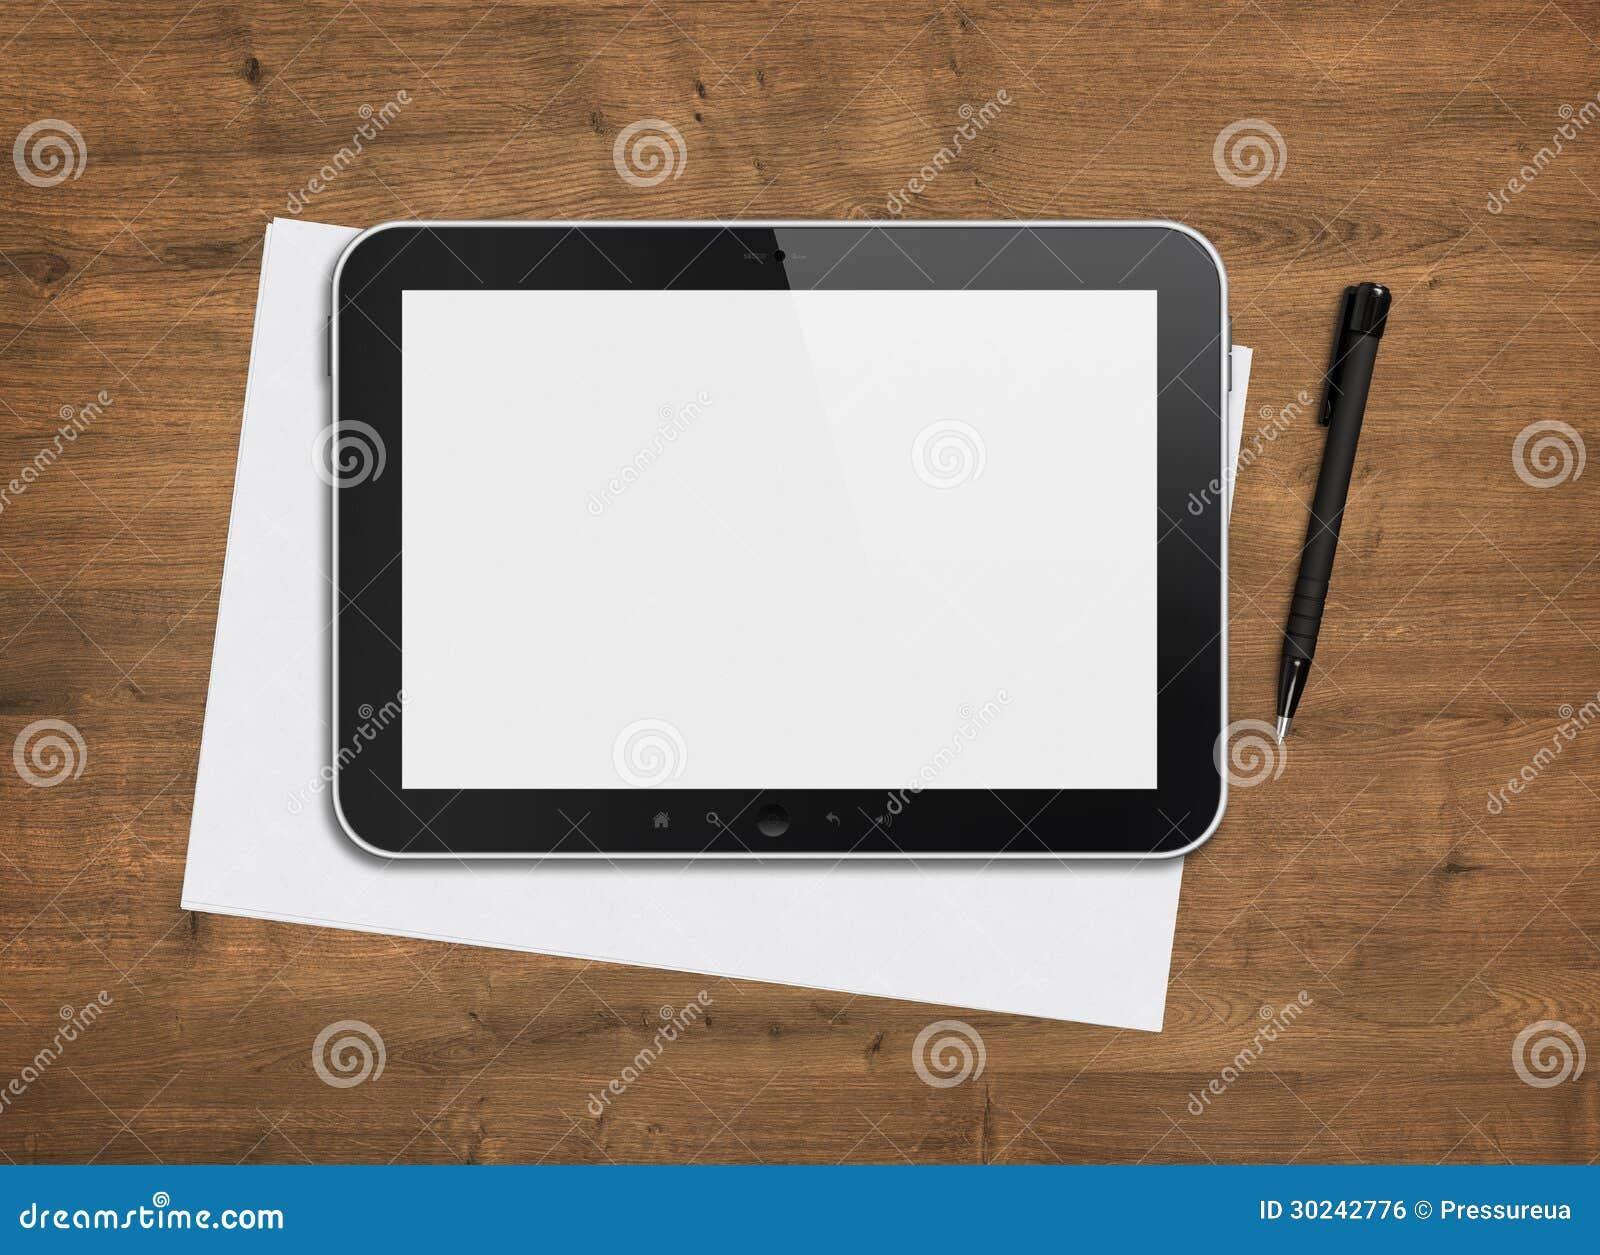 Leere digitale Tablette auf einem Schreibtisch